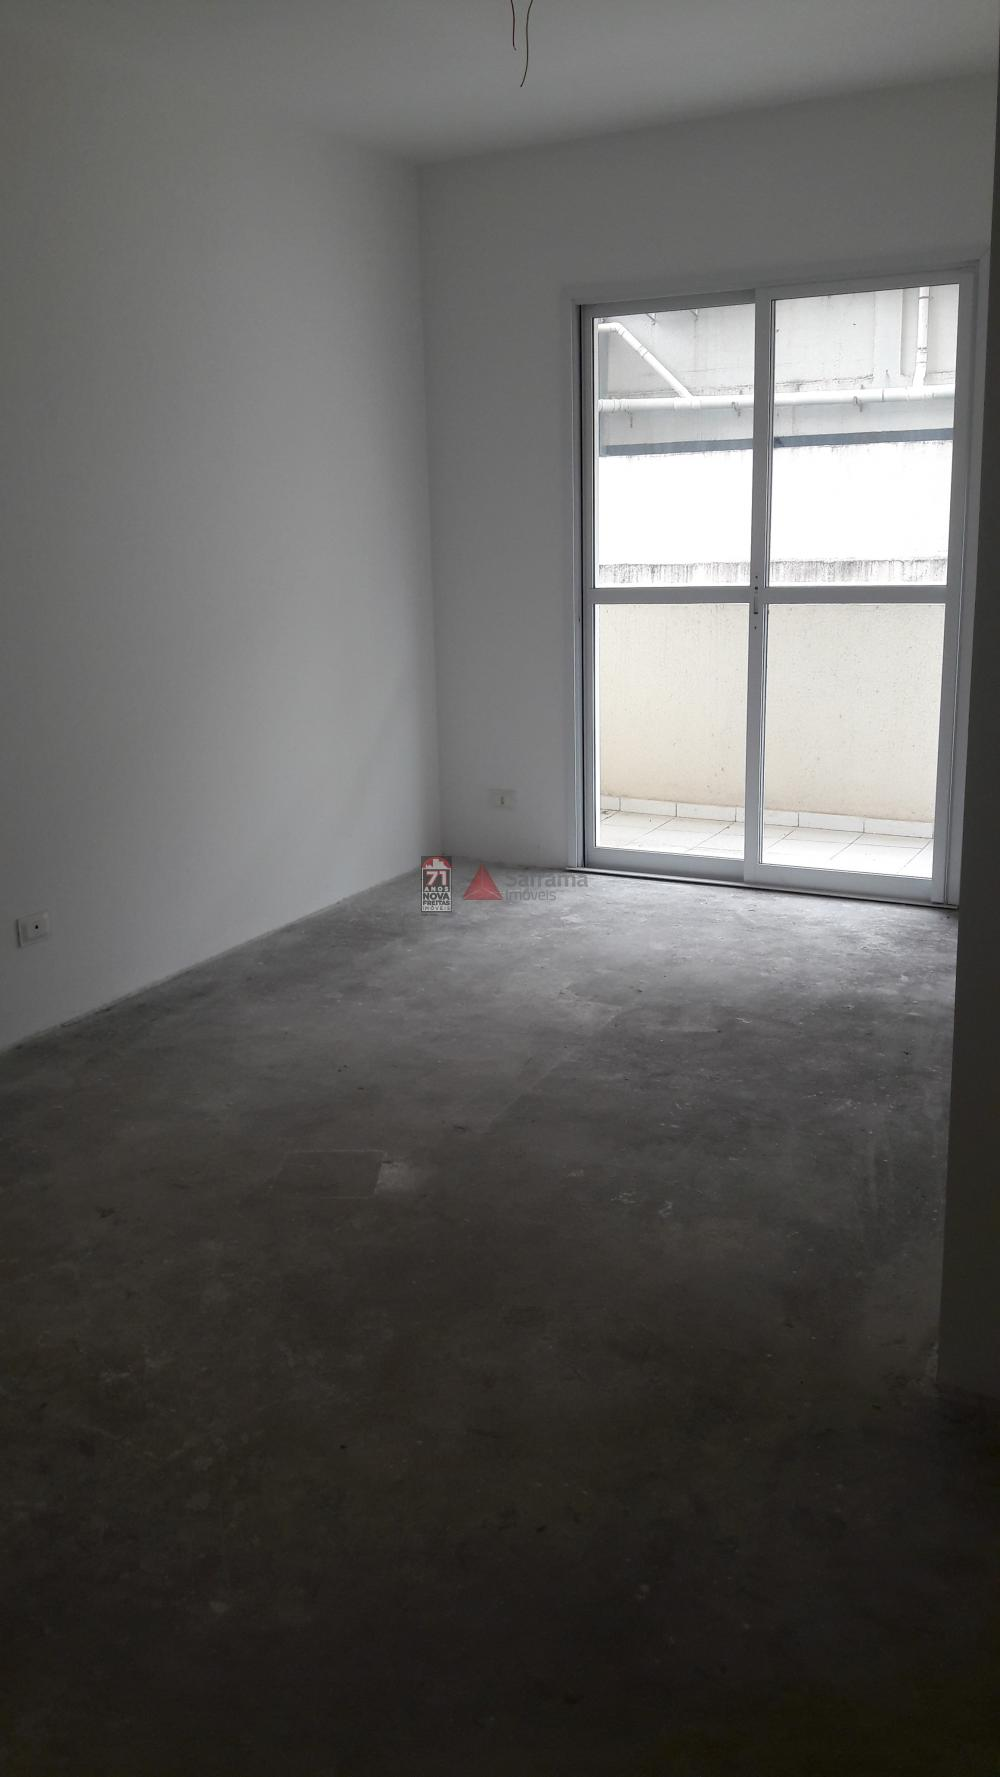 Apartamento / Padrão em São José dos Campos , Comprar por R$544.359,07